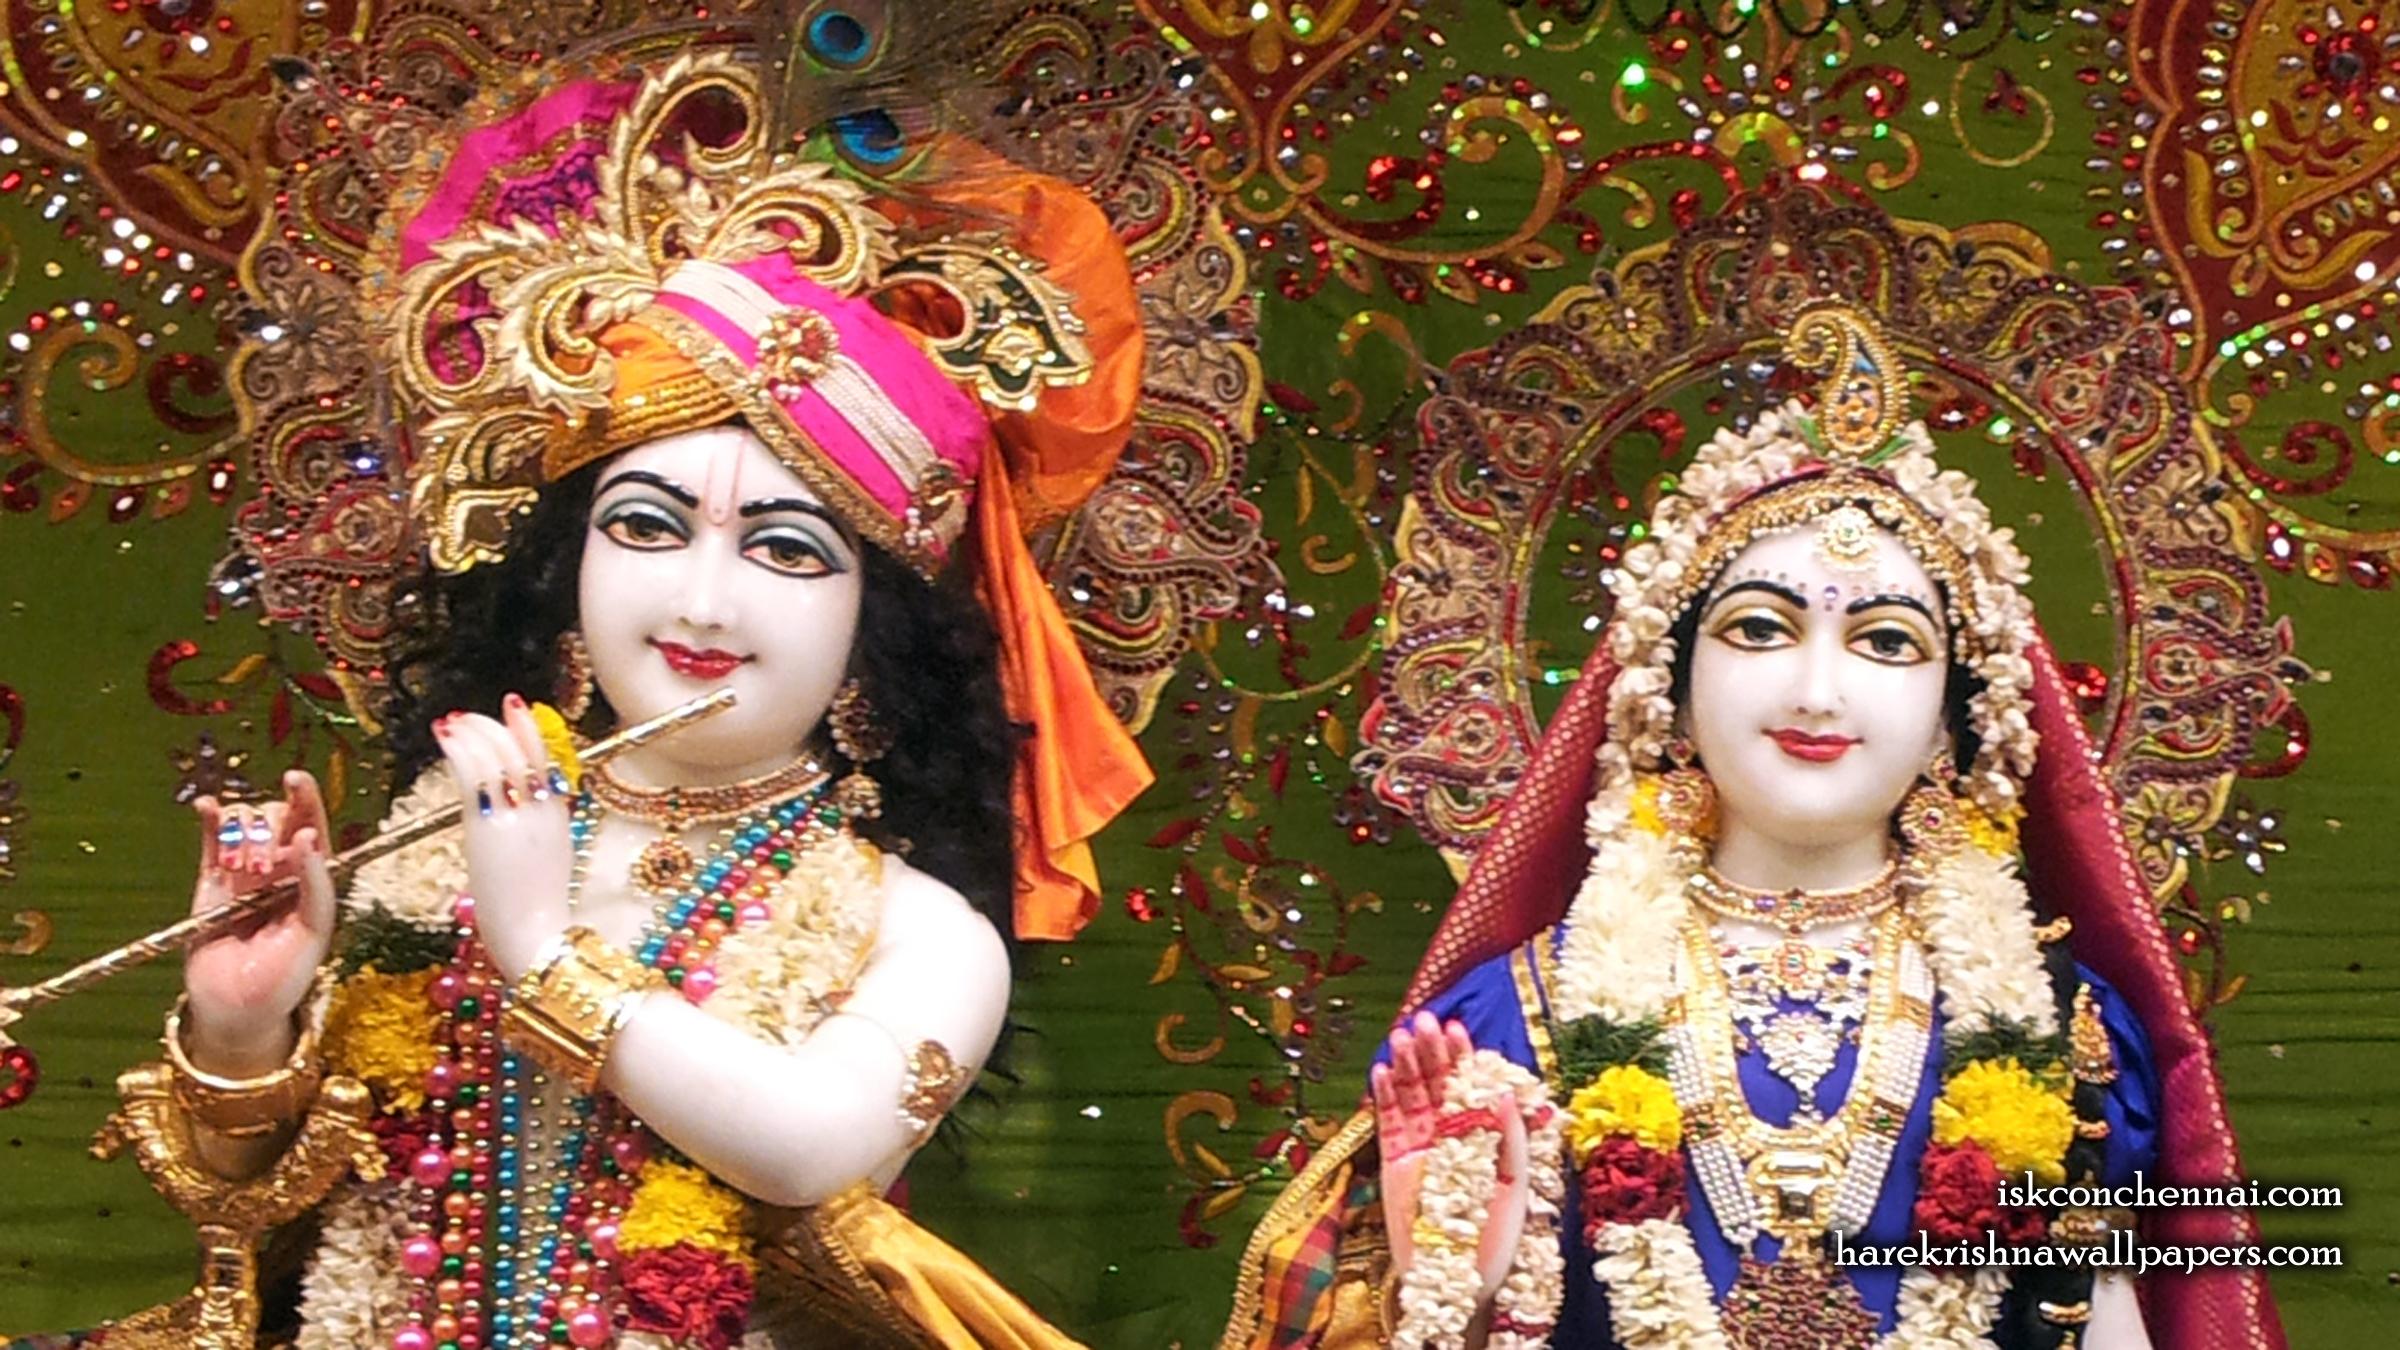 Sri Sri Radha Krishna Close up Wallpaper (006) Size 2400x1350 Download